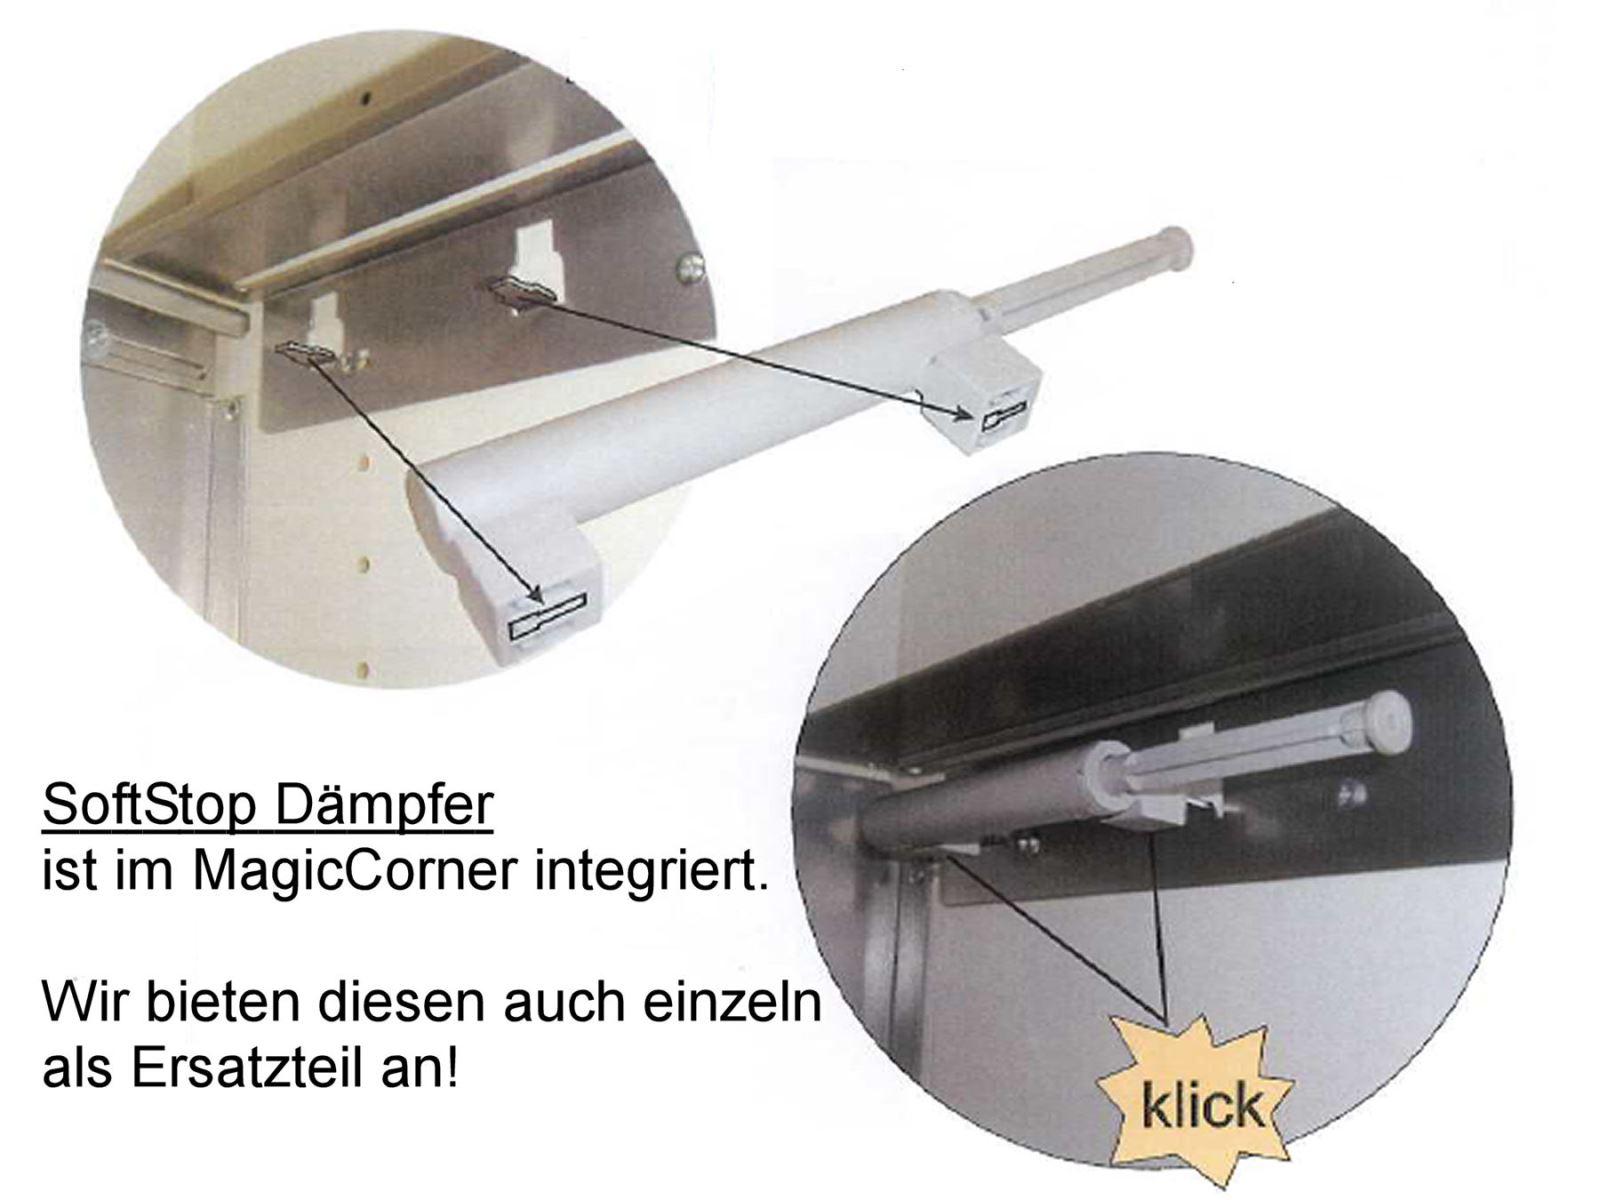 Ikea Malm Bett Letzter Schritt ~ Kesseboehmer MagicCorner Eckschrankbeschlag Eckschrank Schwenkauszug